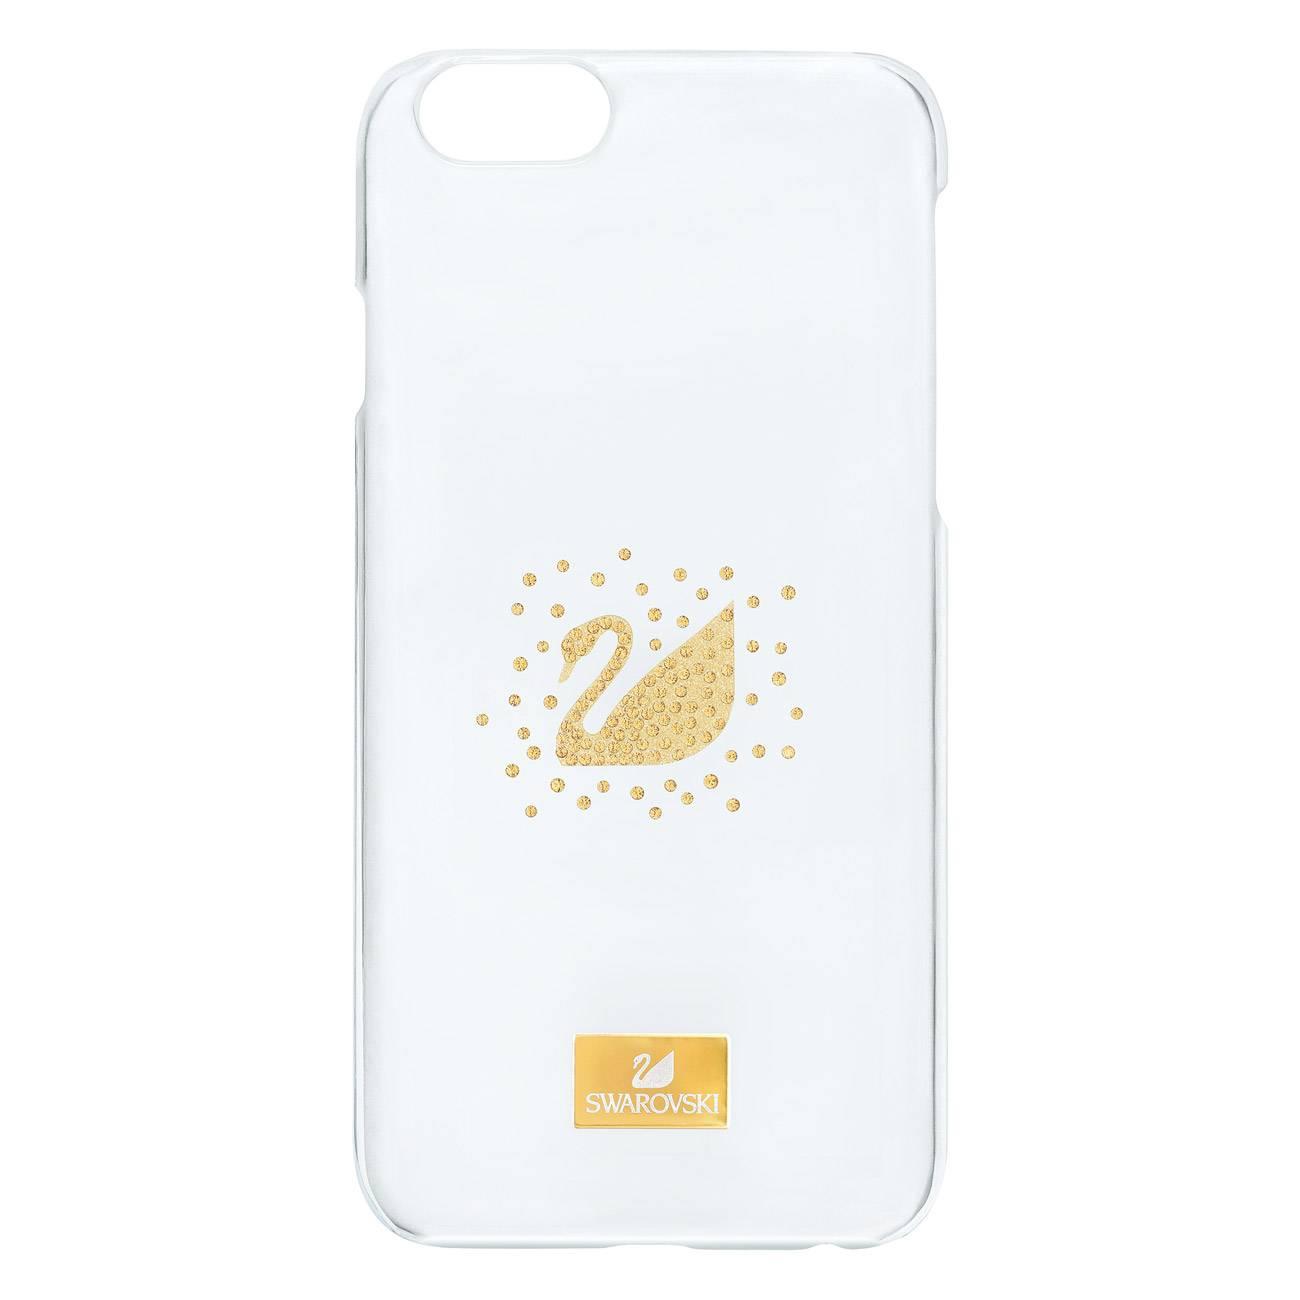 Smartphone Incase iPhone 7 Plus